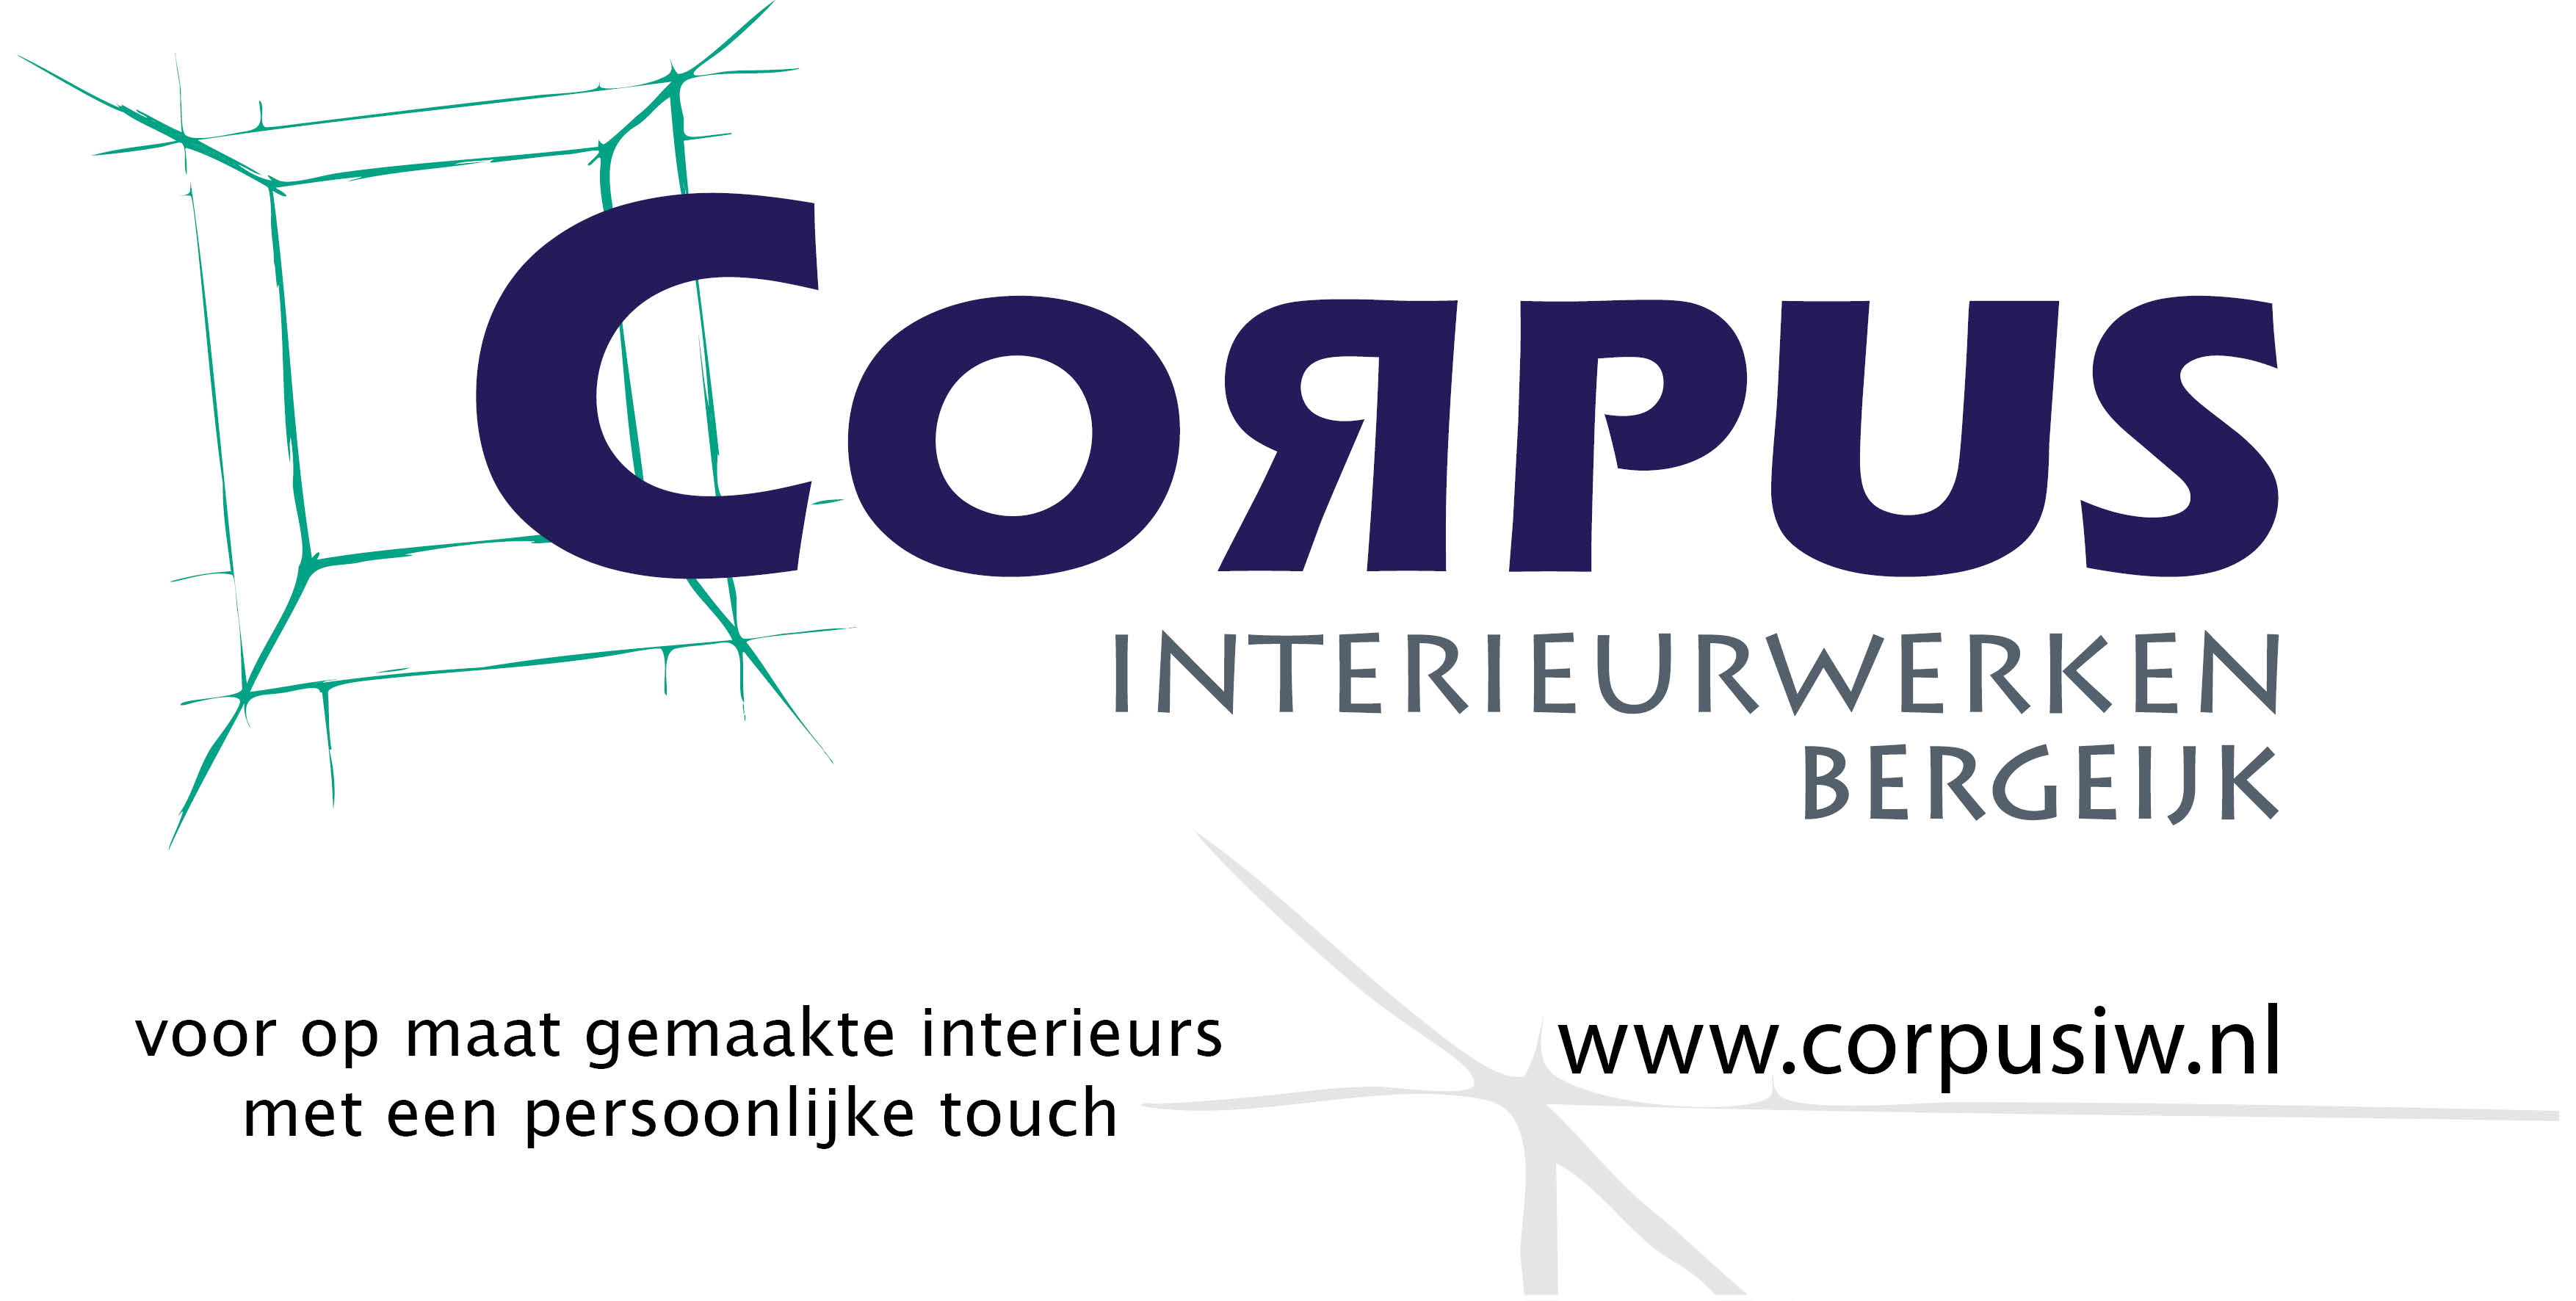 Corpus Interieurwerken